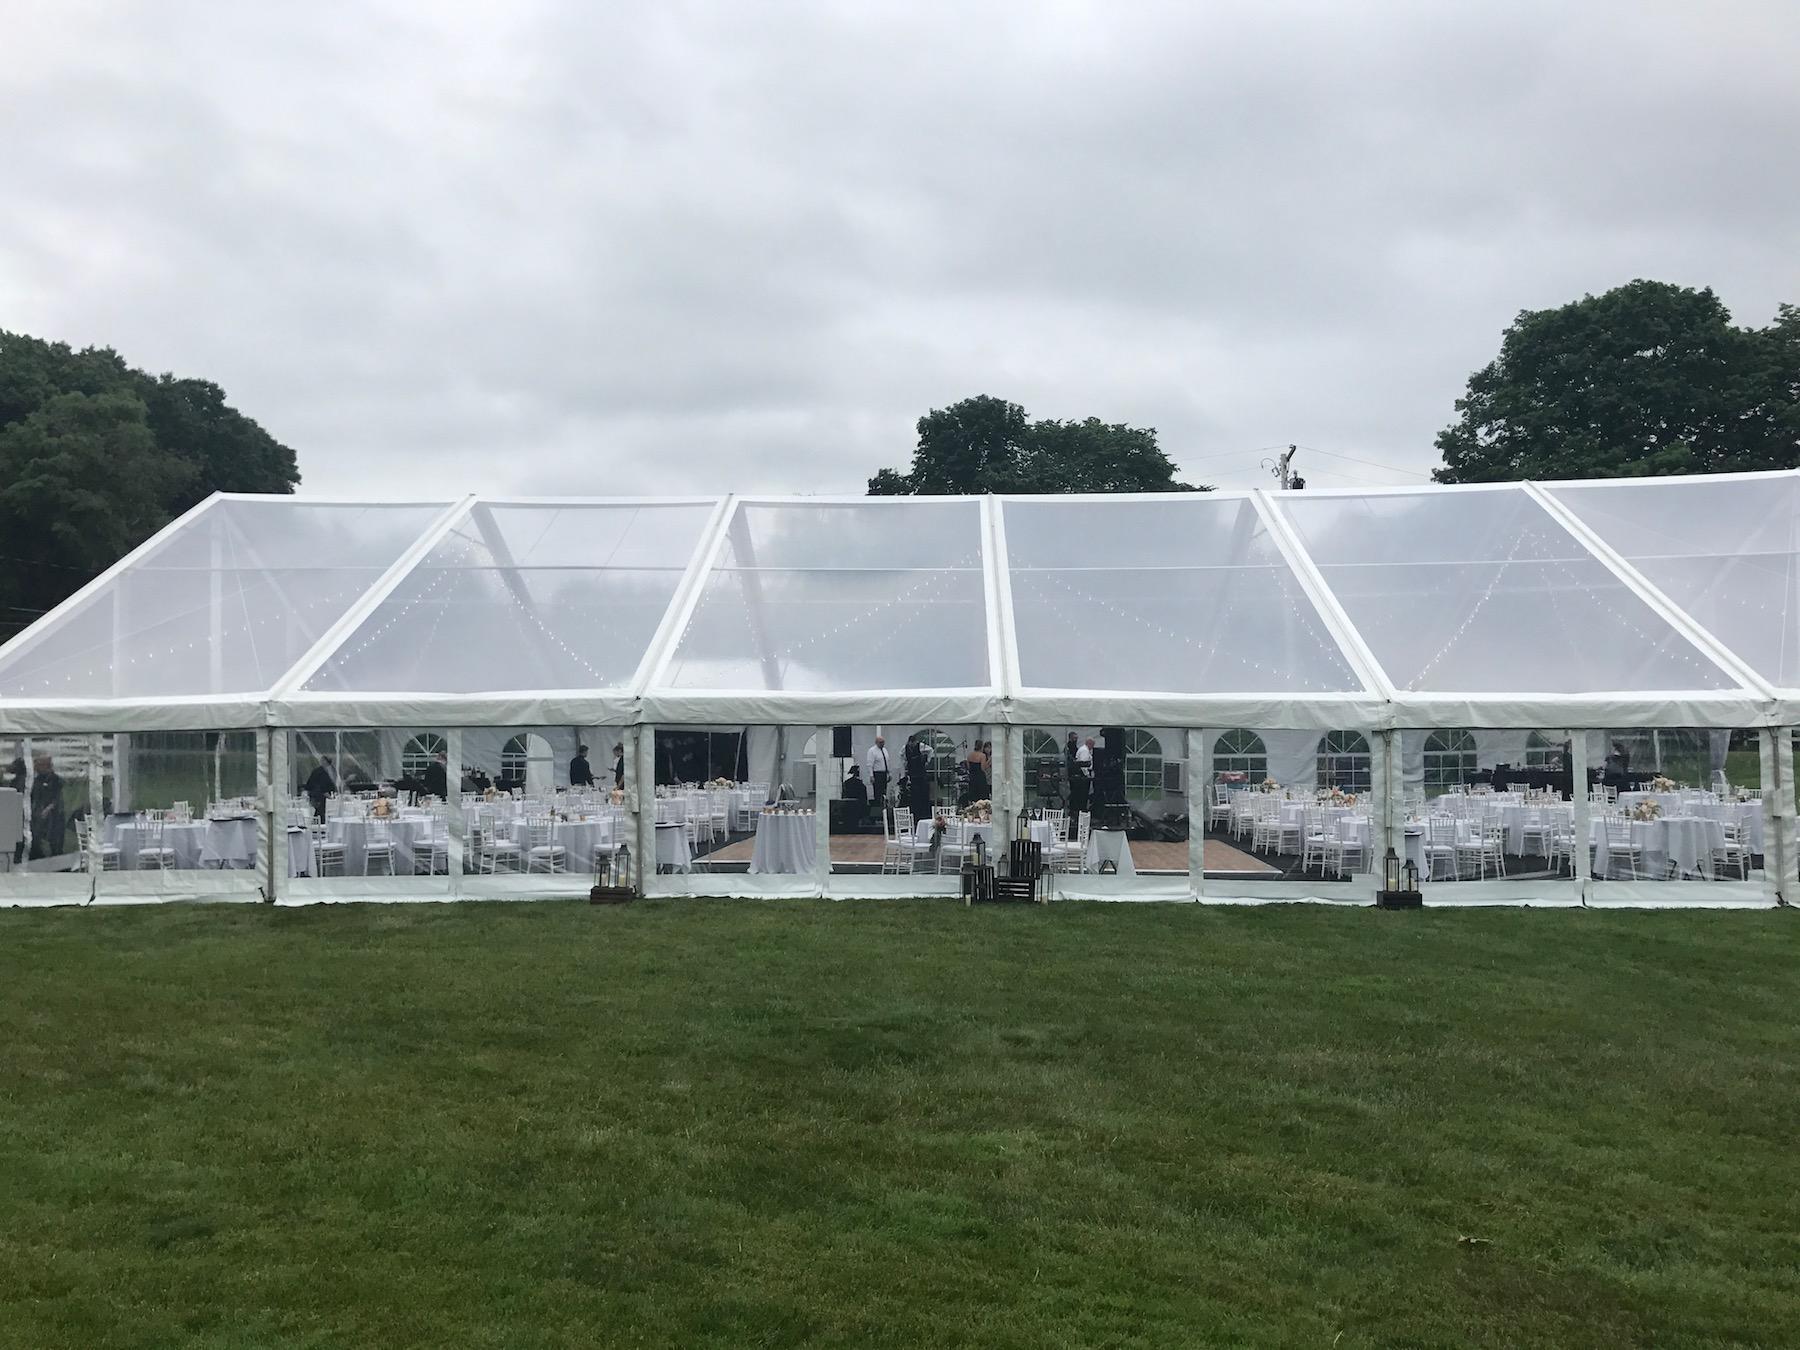 Marquee Partito Telaio in alluminio tende per decorazione unica in PVC di vendita caldo chiesa di nozze in vendita